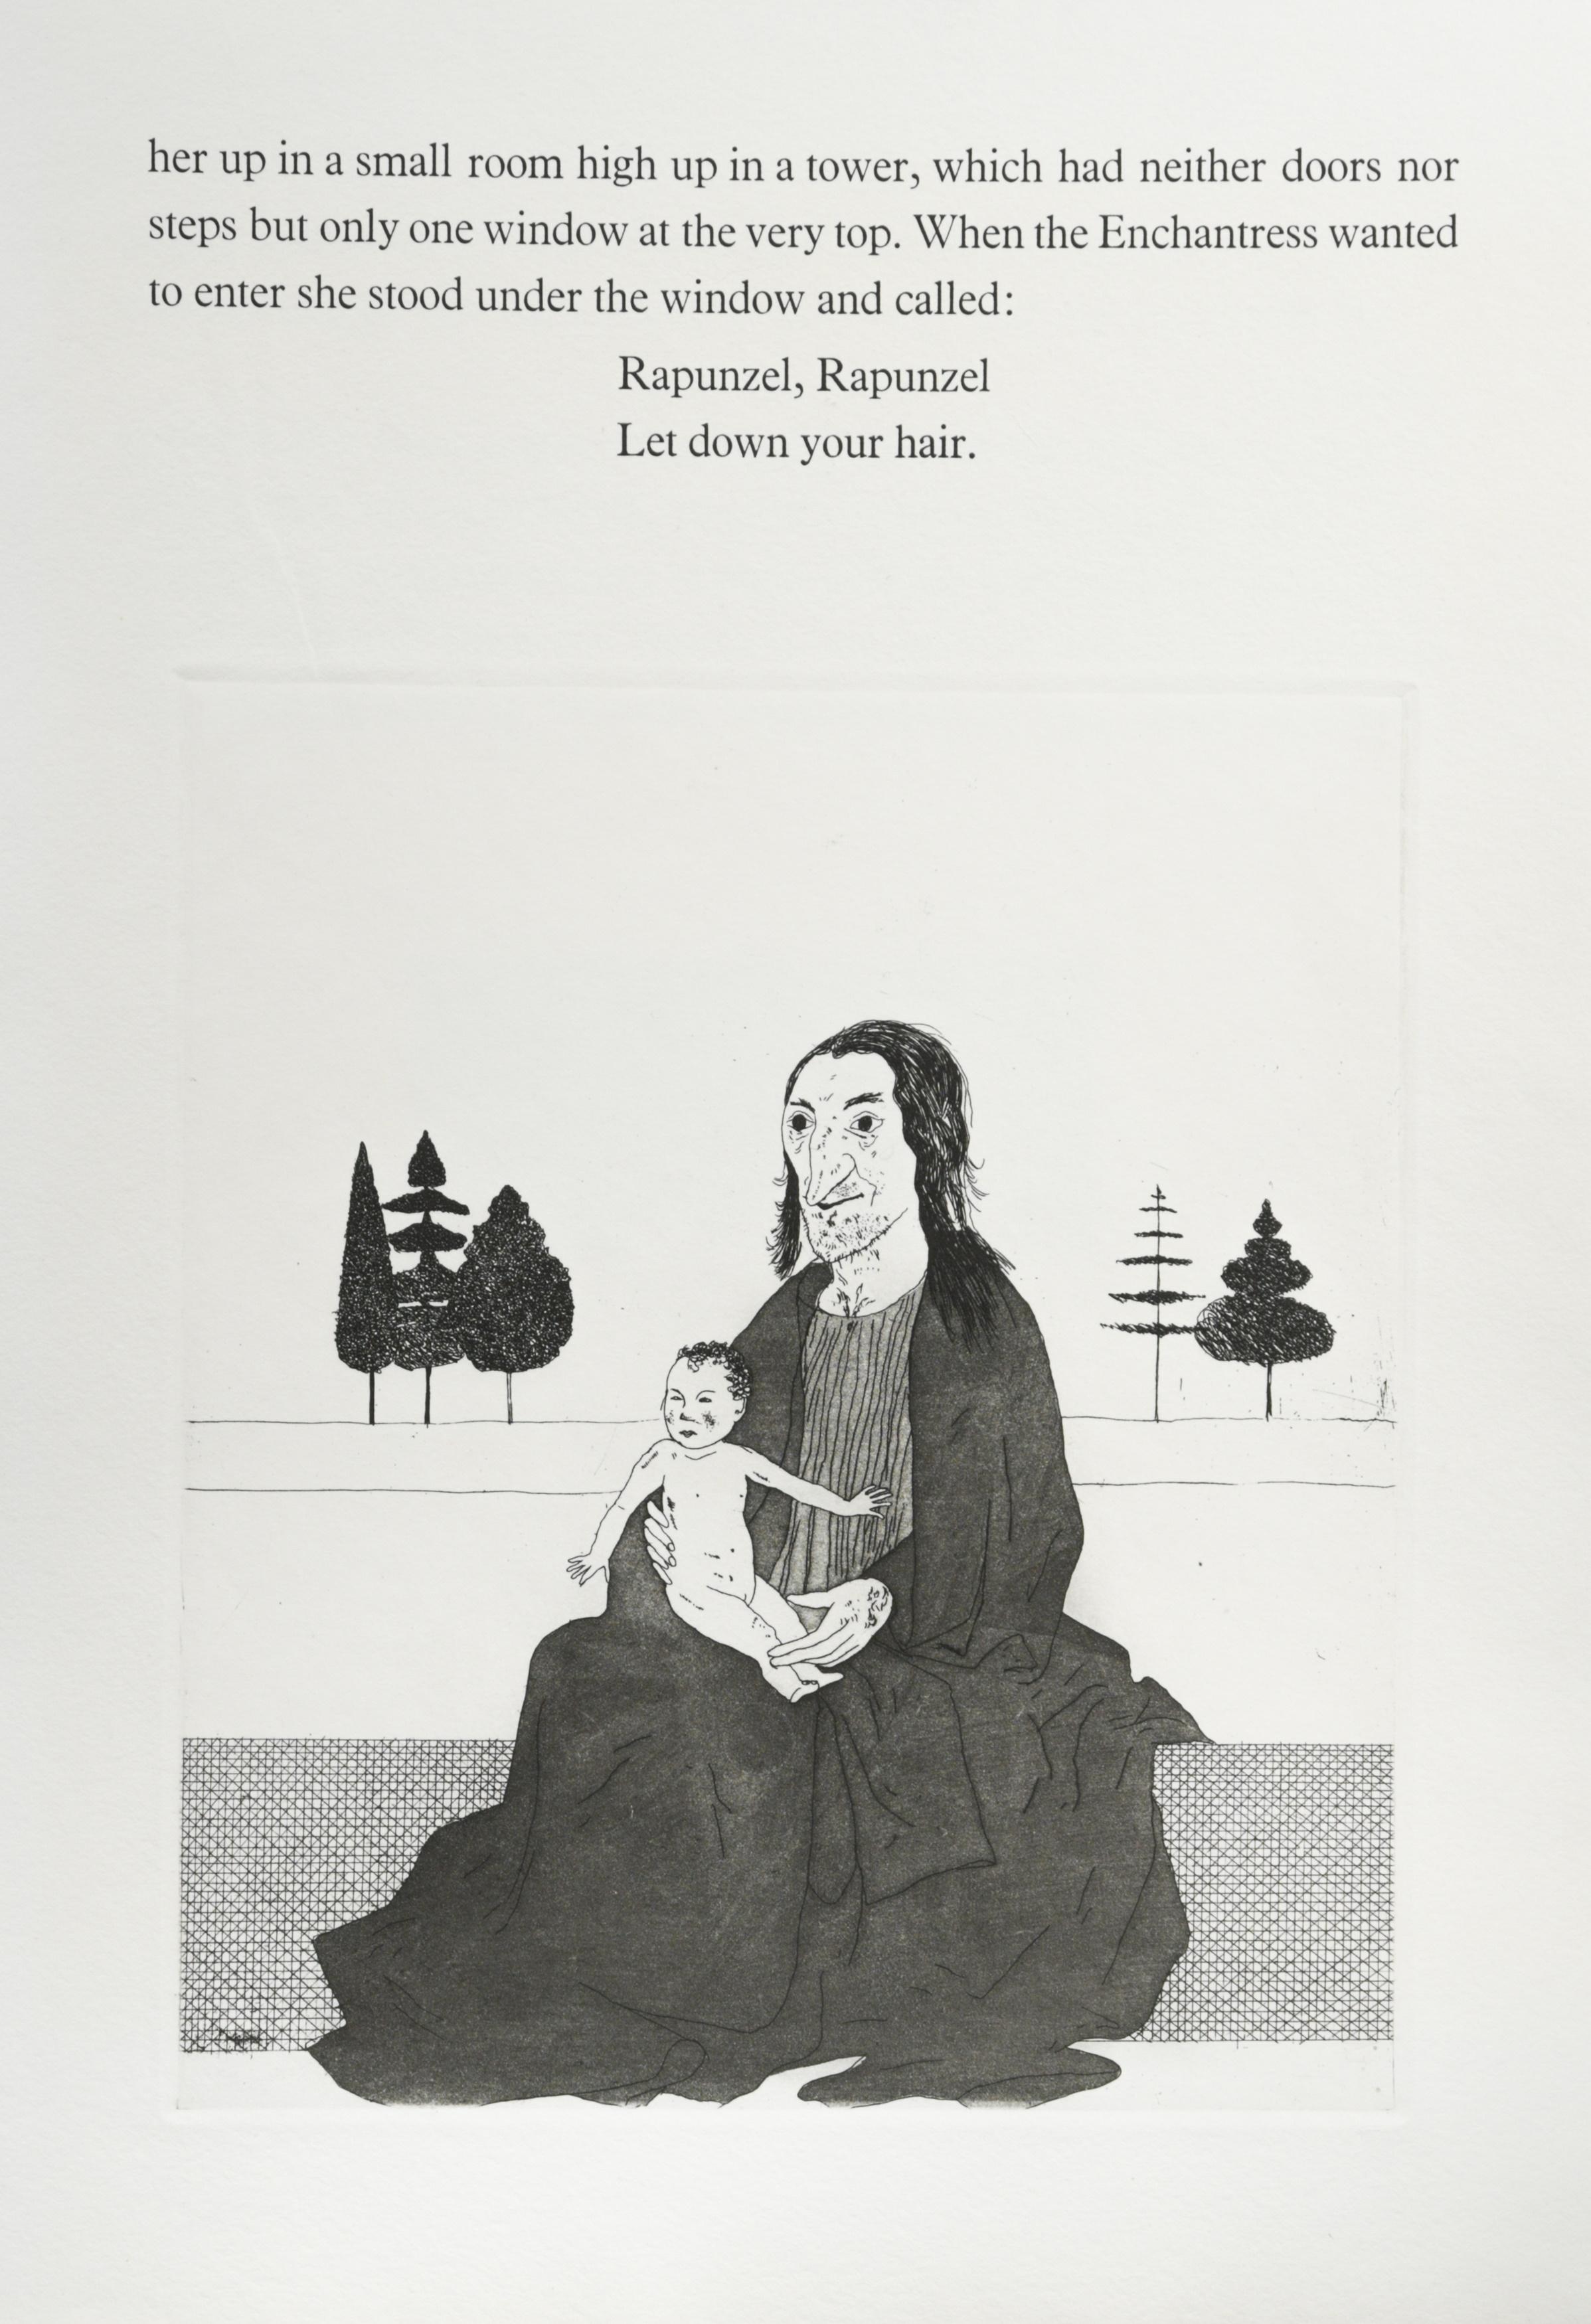 § David Hockney OM, CH, RA (British 1937-)